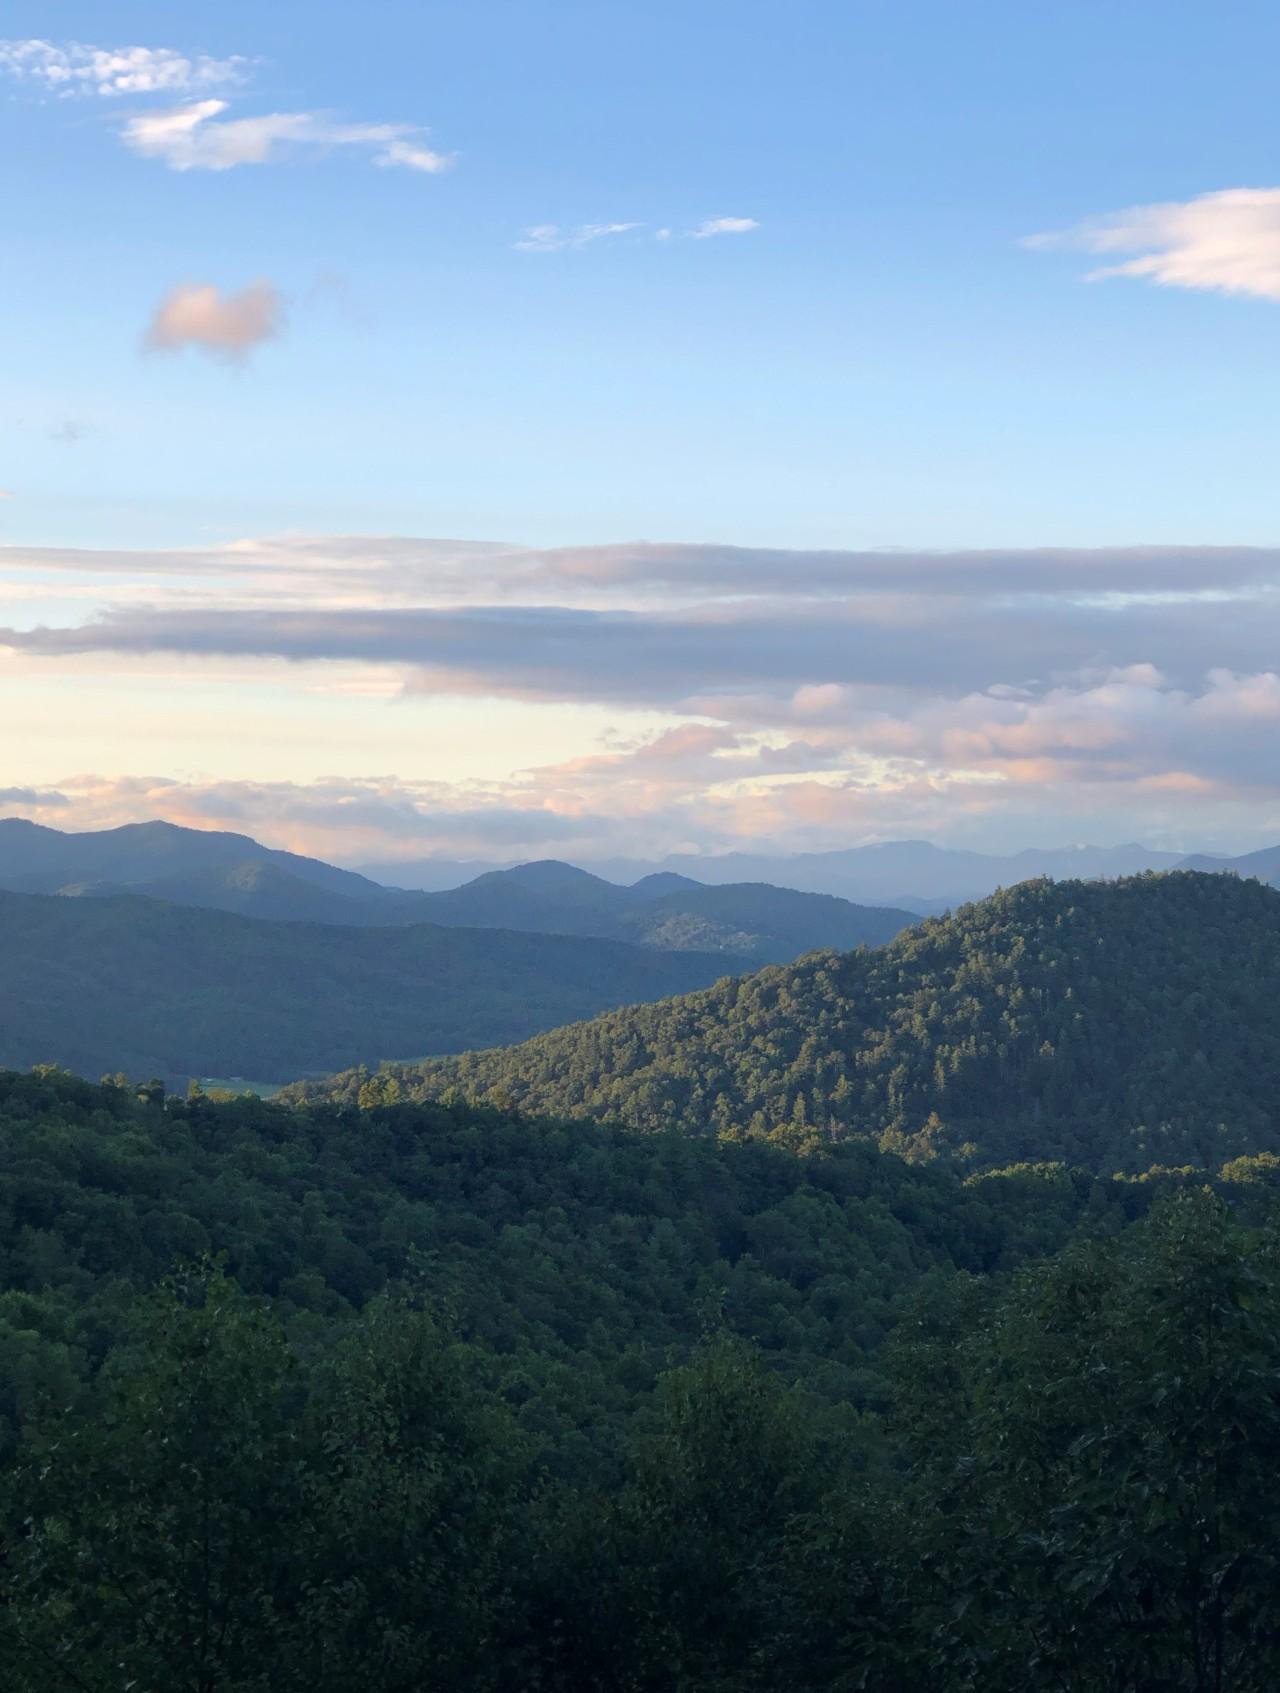 Black Rock Mountain StatePark